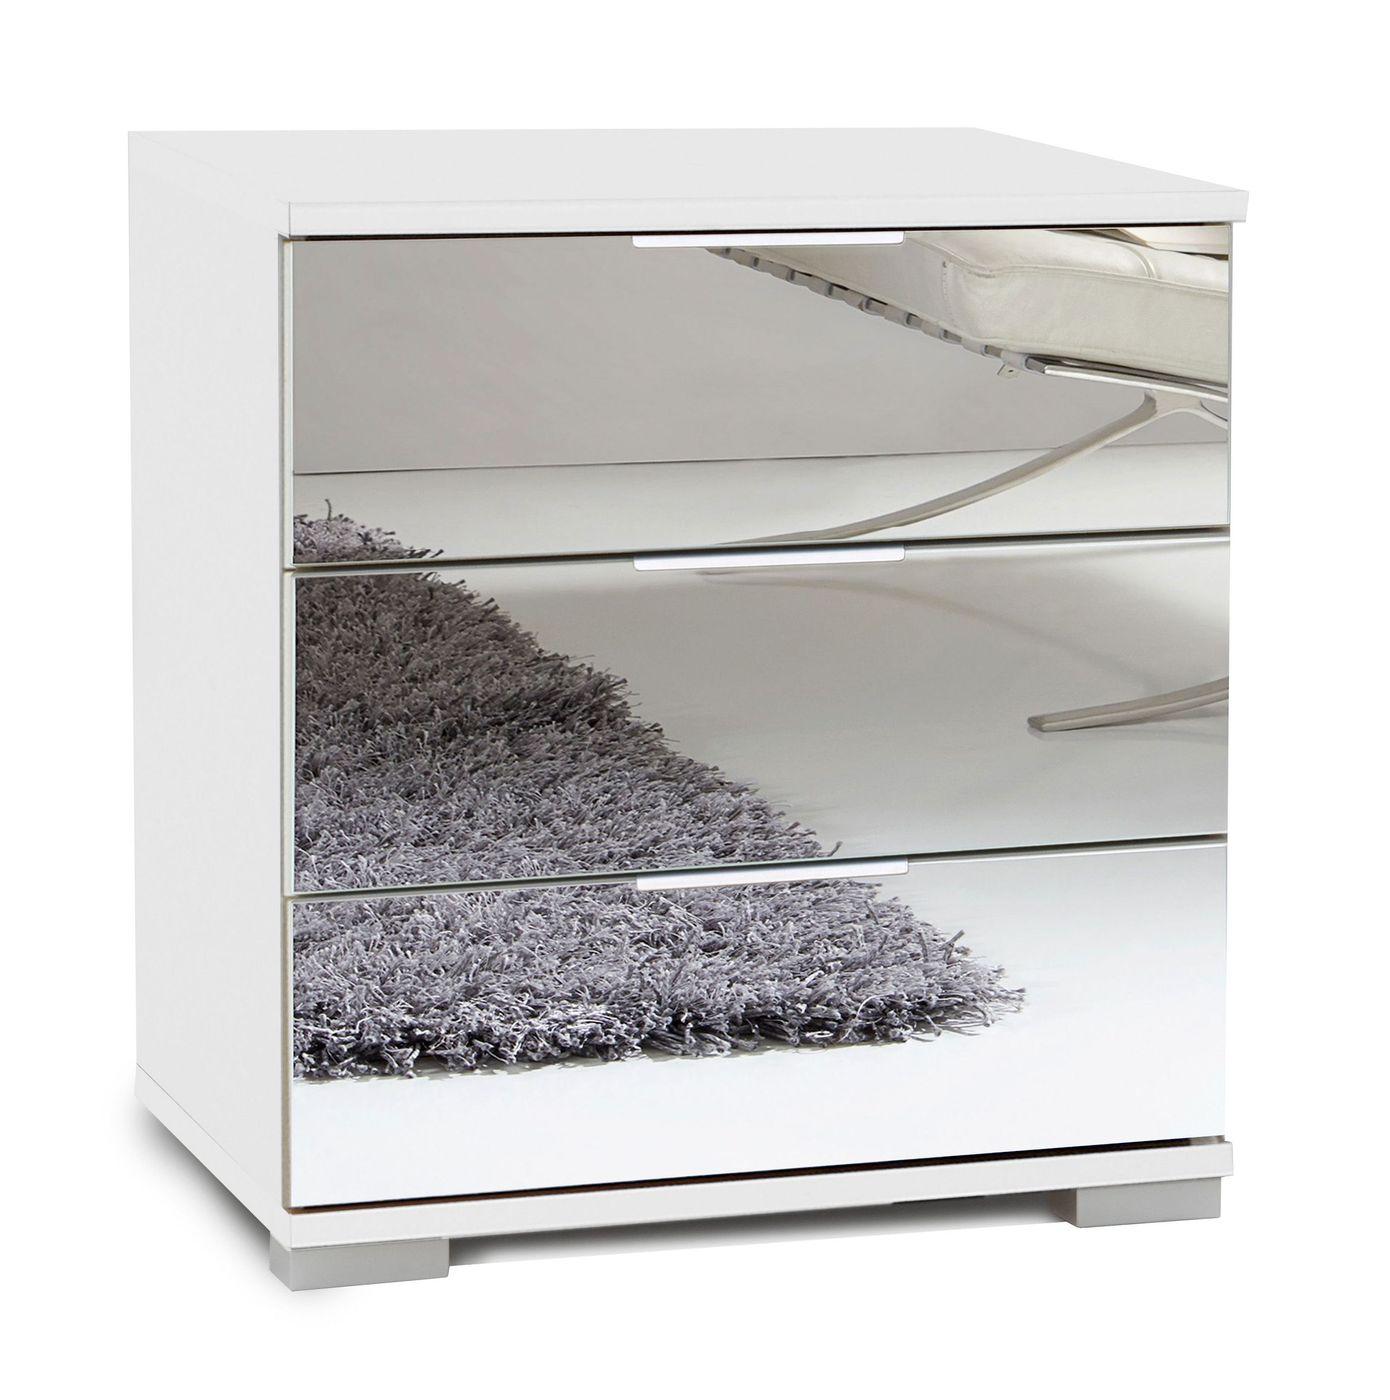 nachttisch spiegel cool nachttisch fur weis antik touch. Black Bedroom Furniture Sets. Home Design Ideas